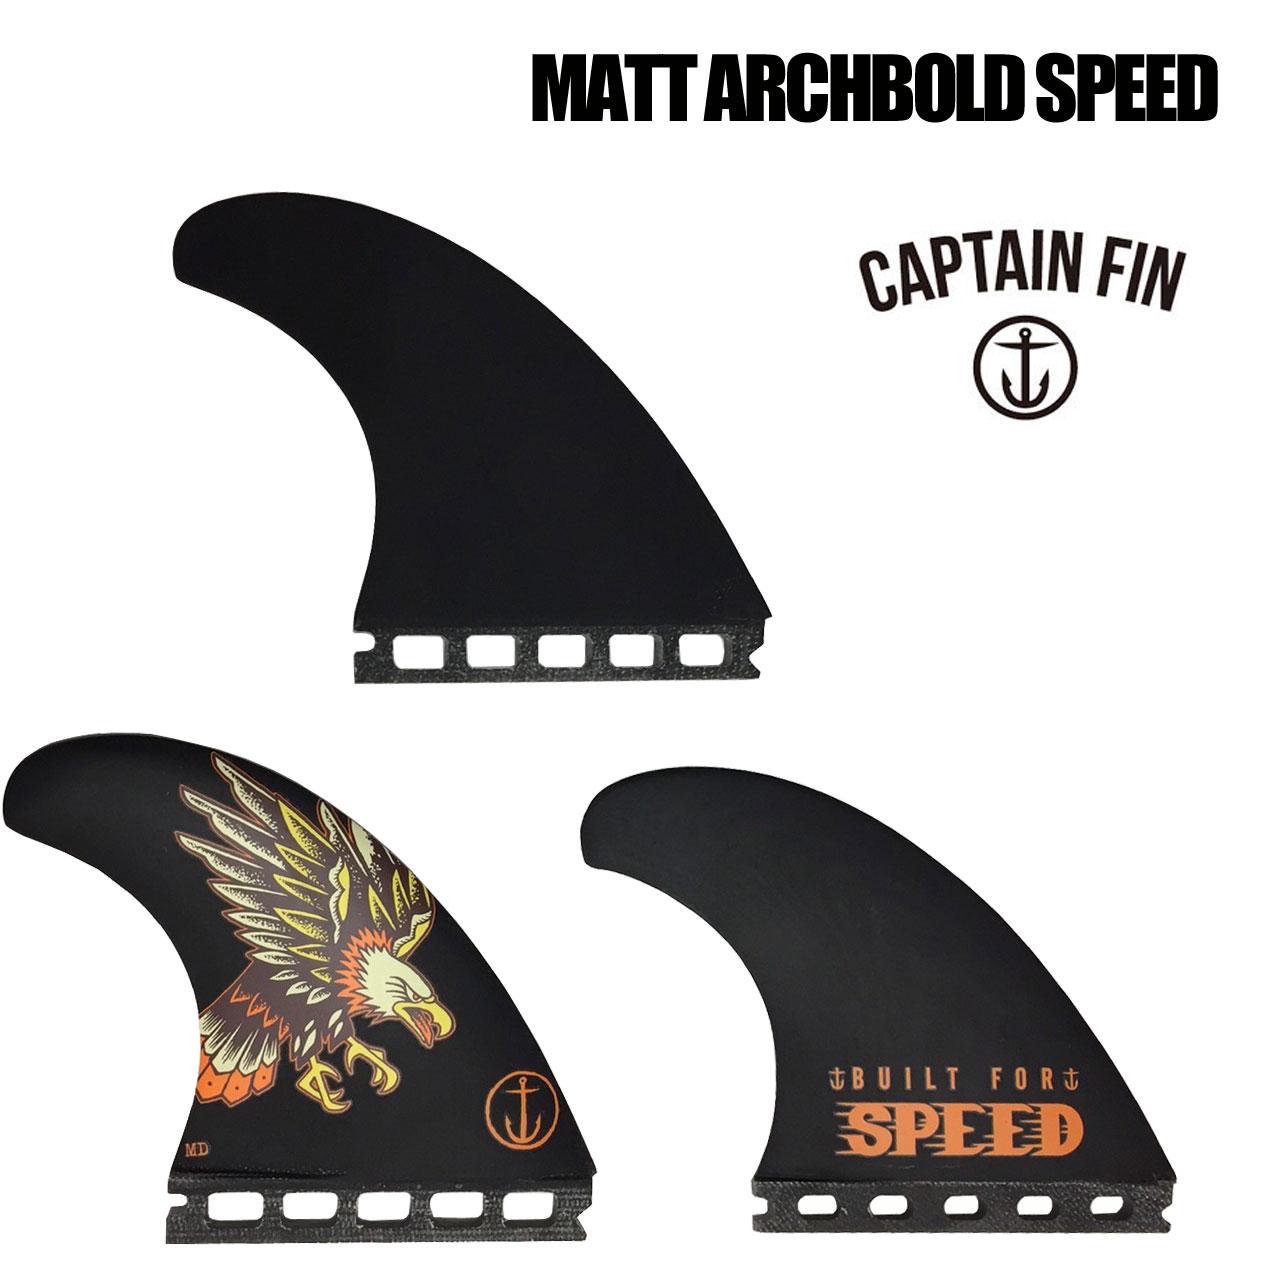 ショートボード用フィン CAPTAIN FIN CO. キャプテンフィン MATT ARCHBOLD SPEED